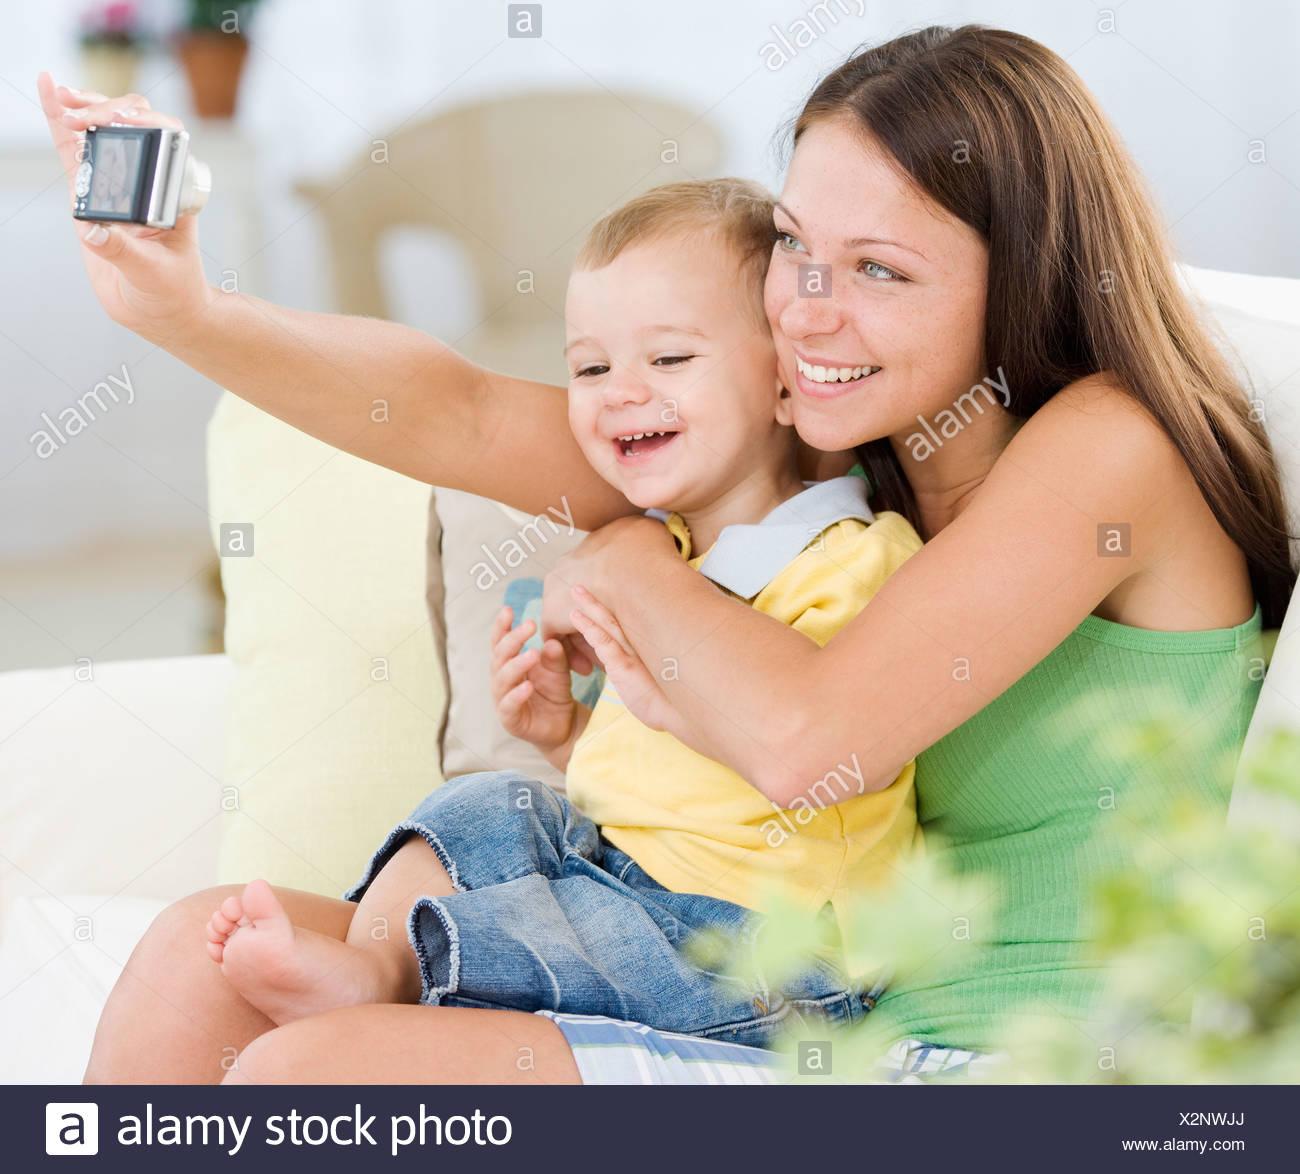 Madre facendo propria fotografia con baby Immagini Stock